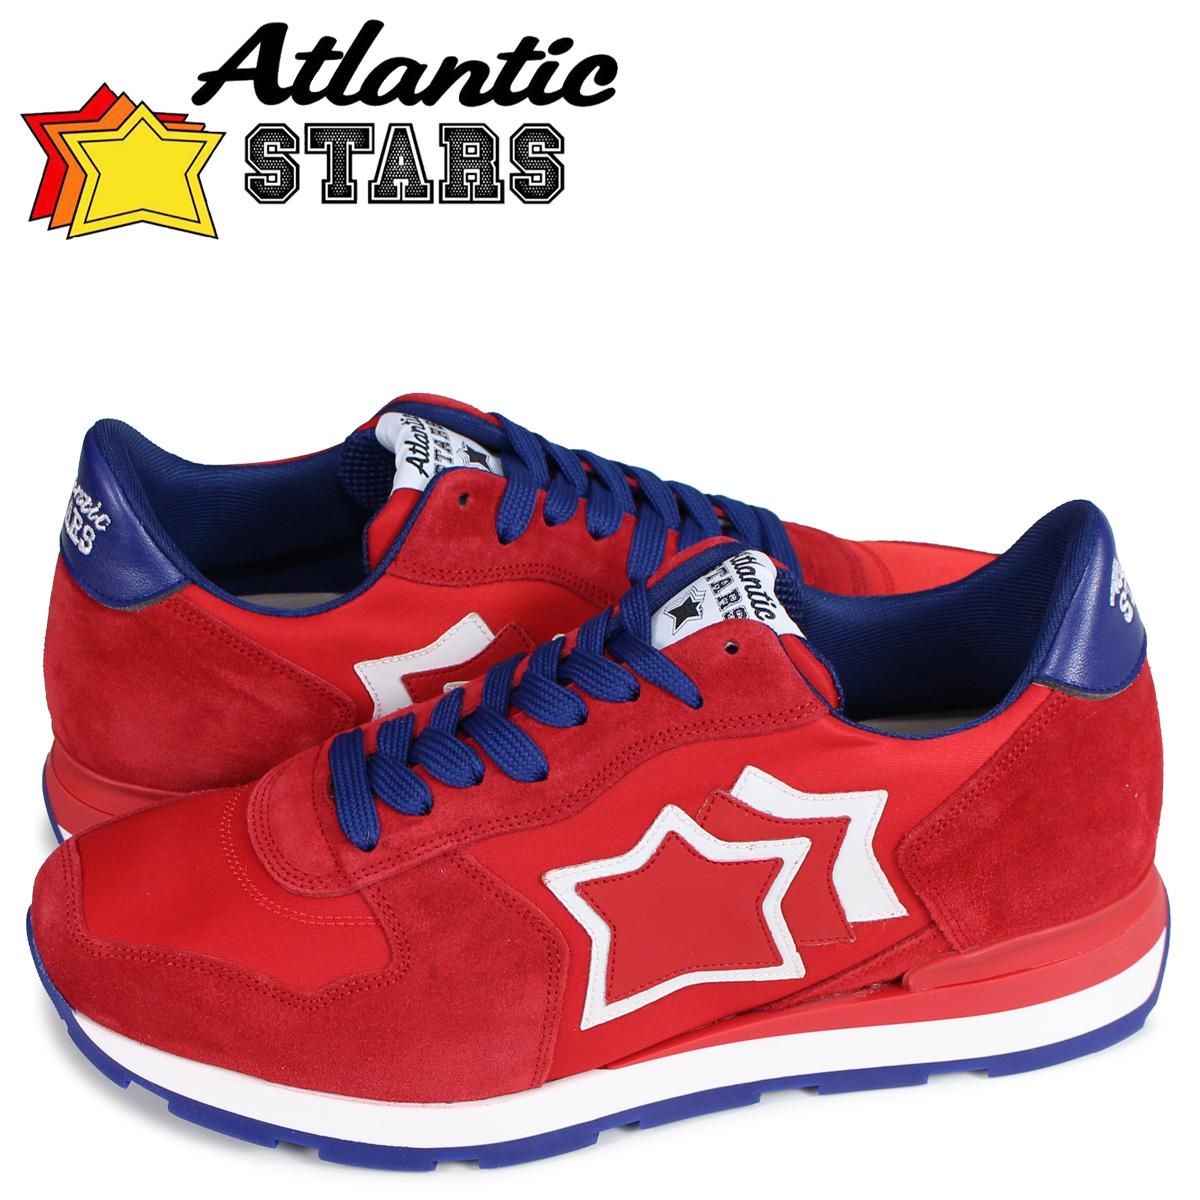 アトランティックスターズ Atlantic STARS アンタレス スニーカー メンズ ANTARES レッド RBR-14R [4/13 追加入荷]